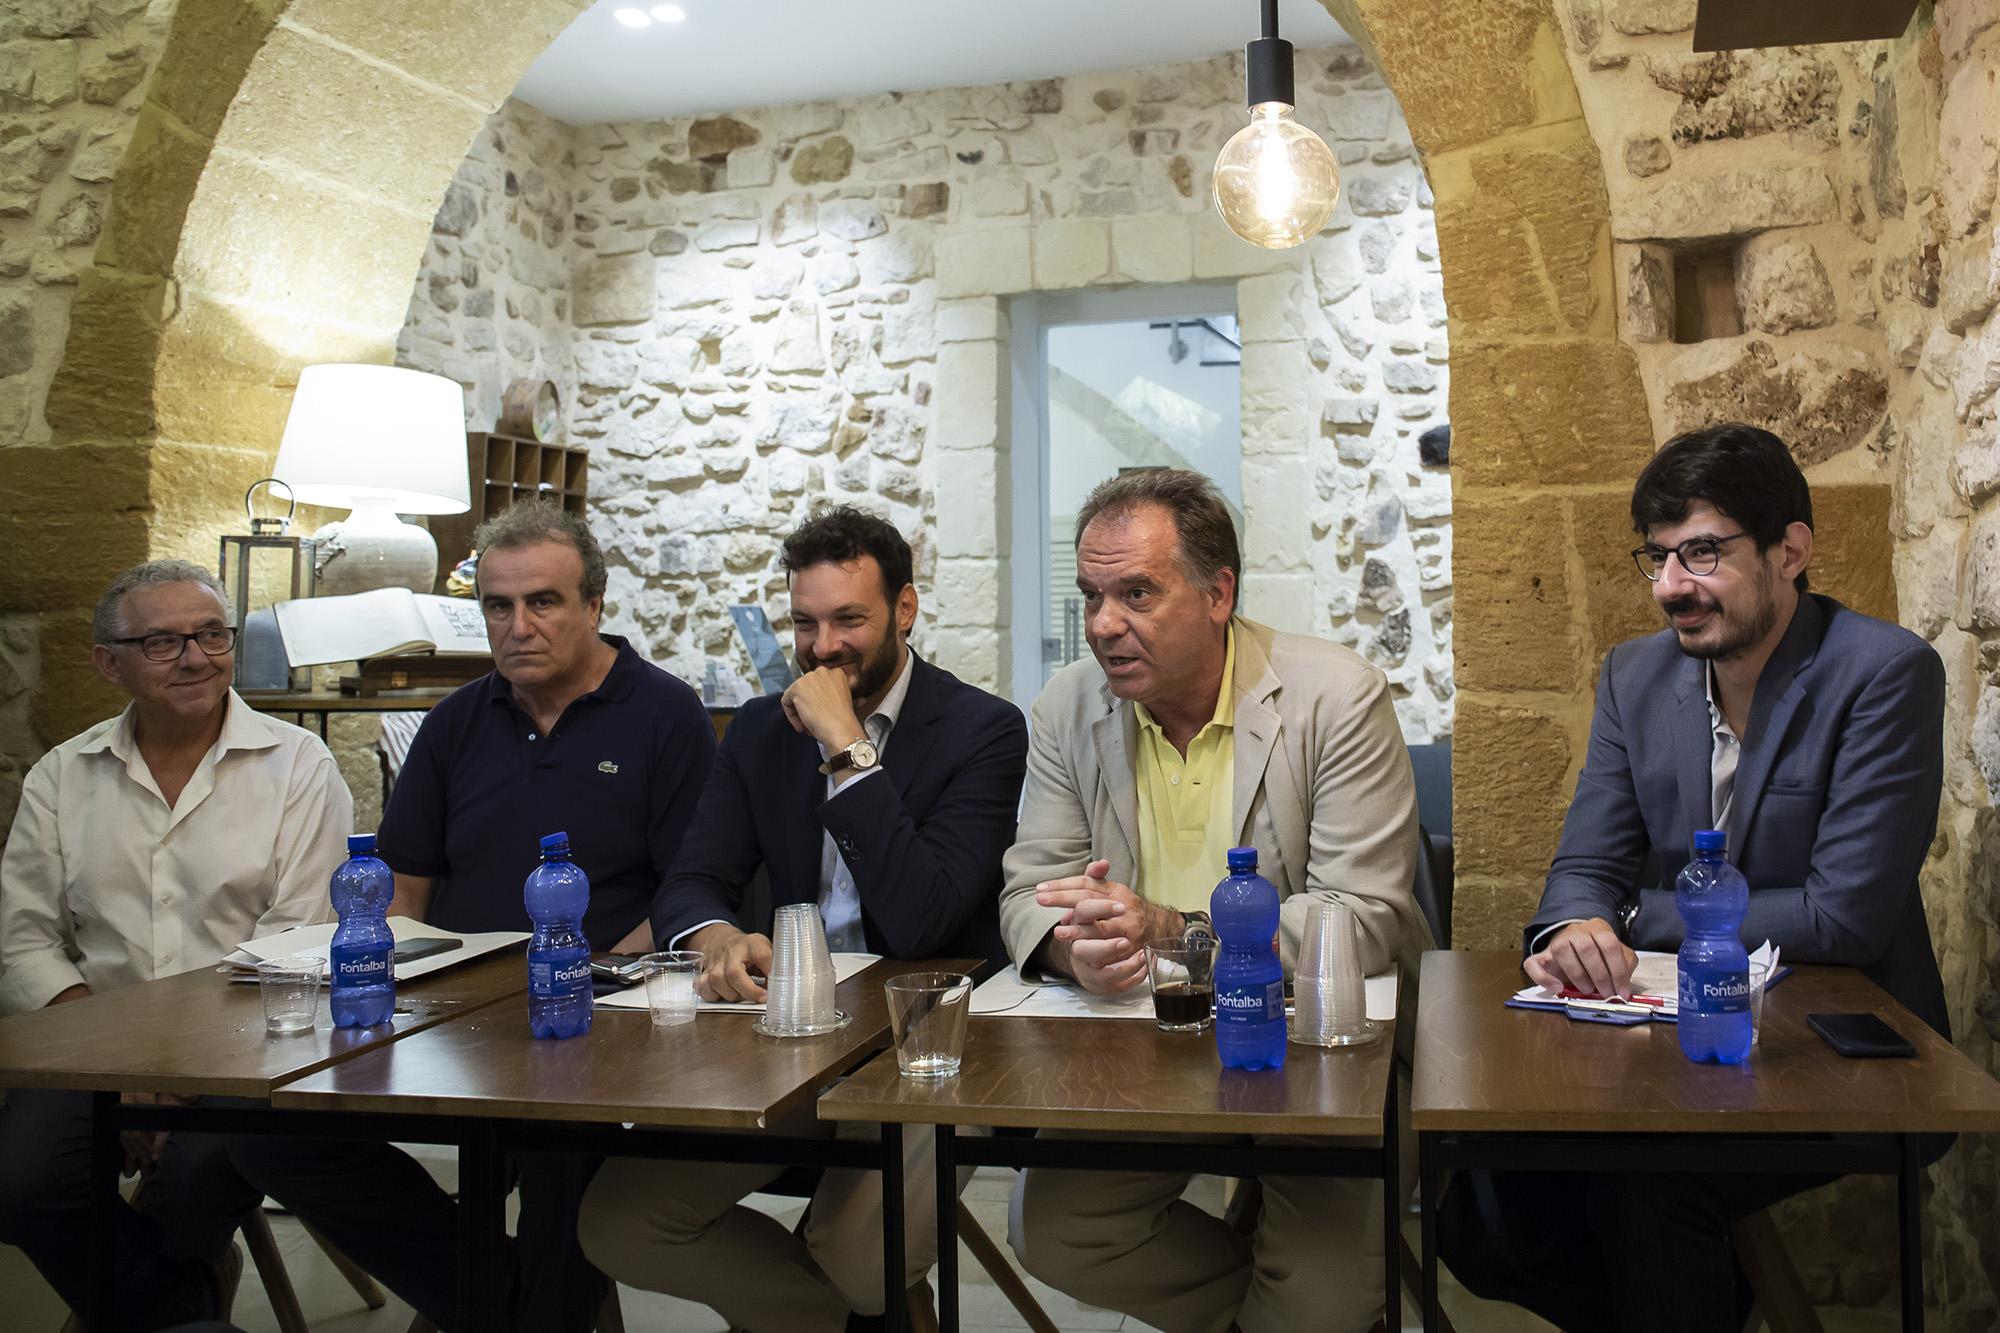 da sn Carlo Gilistro, Fabio Granata, Francesco Italia, Alessandro Cecchi Paone, Giorgio Romeo